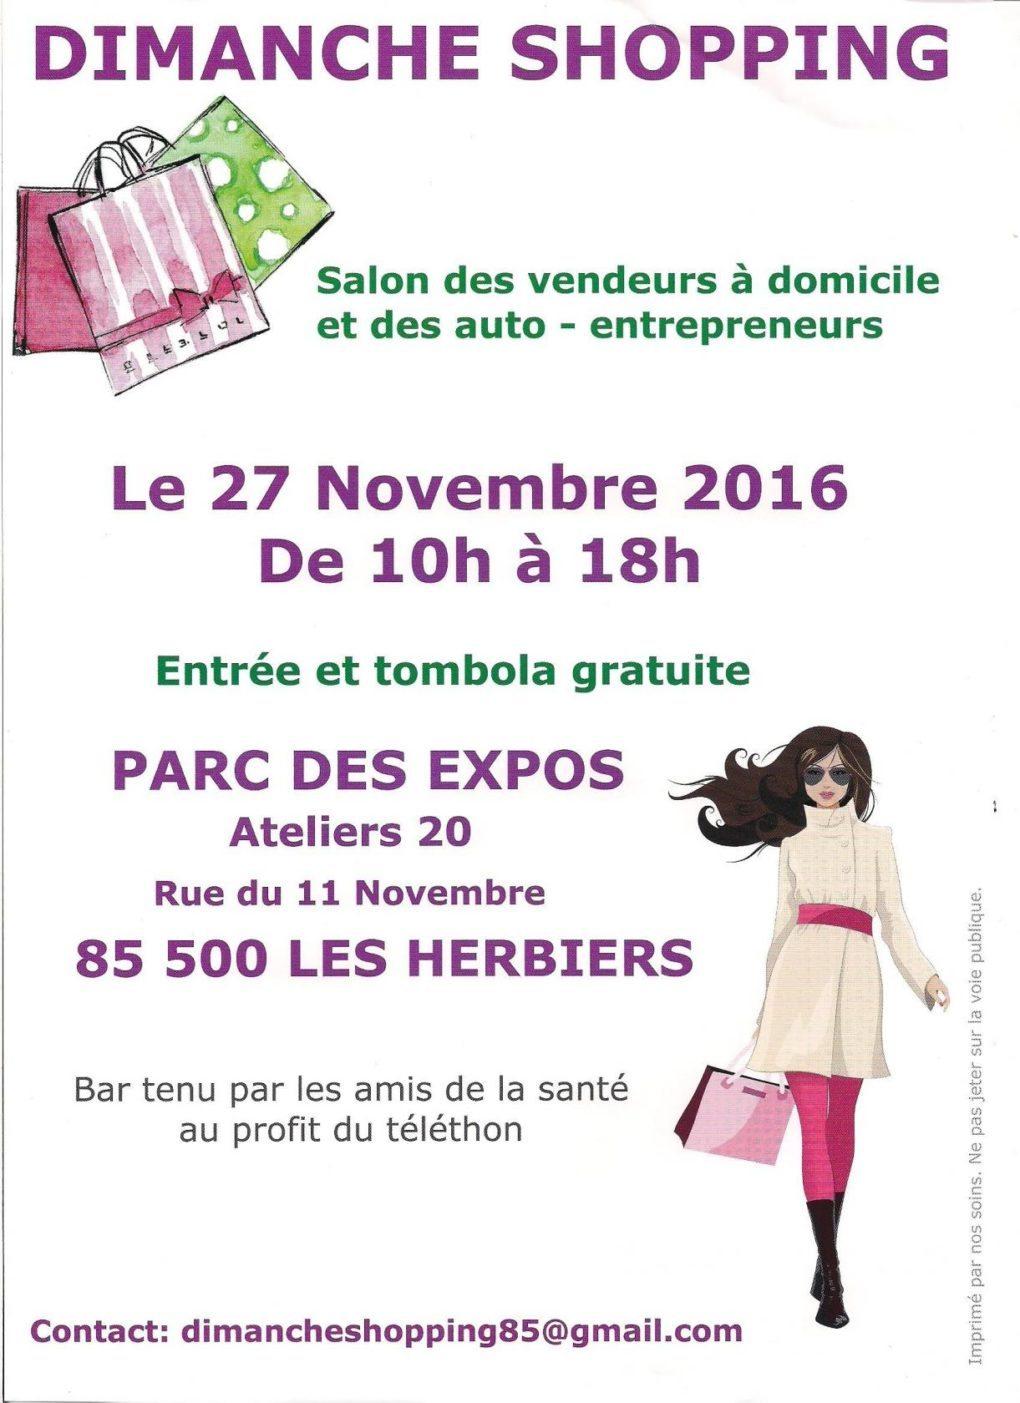 Dimanche shopping : 6e salon des VDI et Auto-Entrepreneurs Les Herbiers